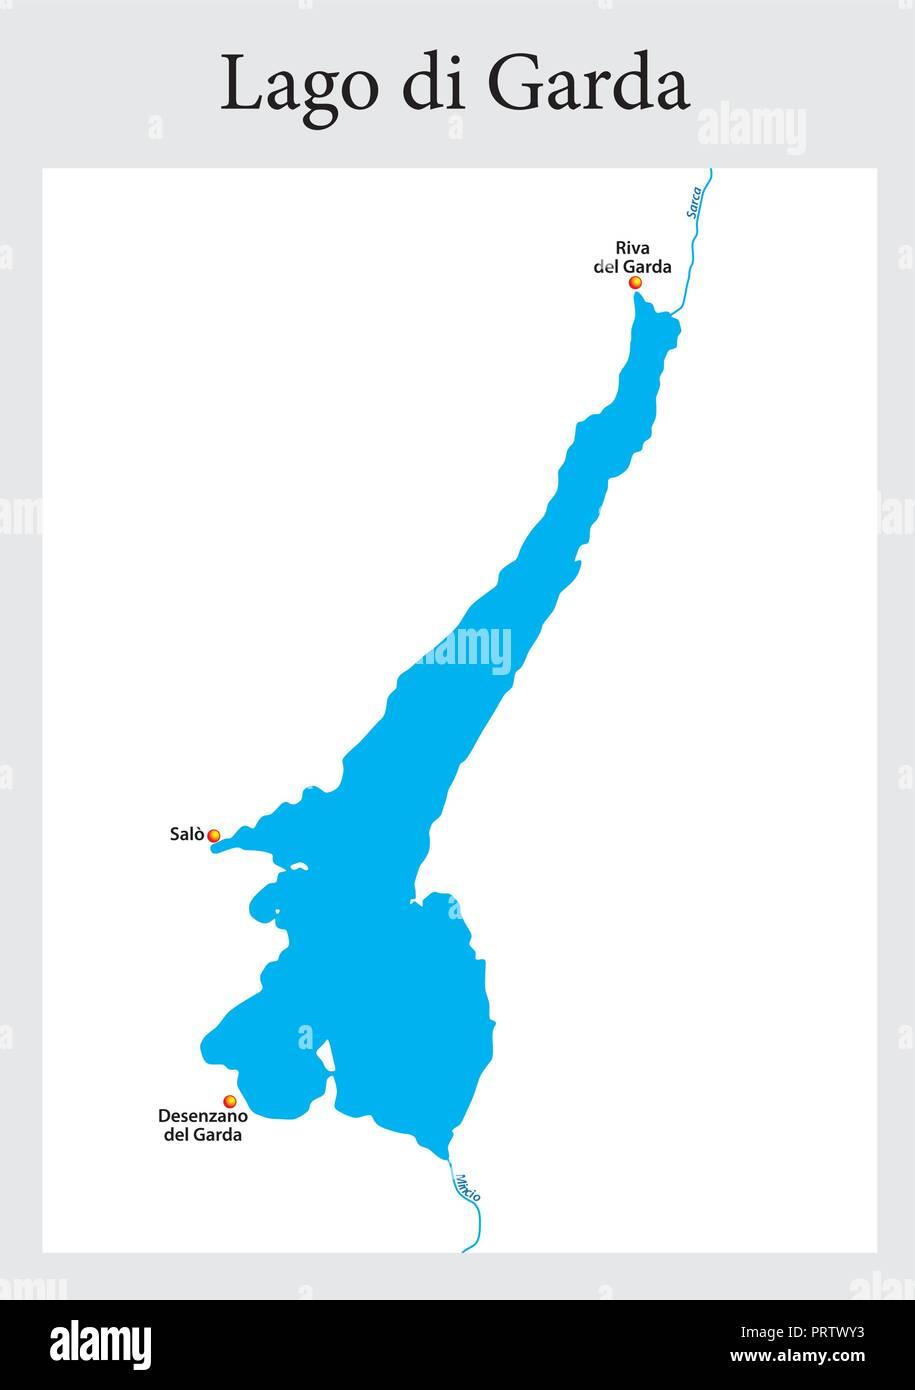 Cartina Lago Maggiore Stradale.Map Lake Garda Immagini E Fotos Stock Alamy